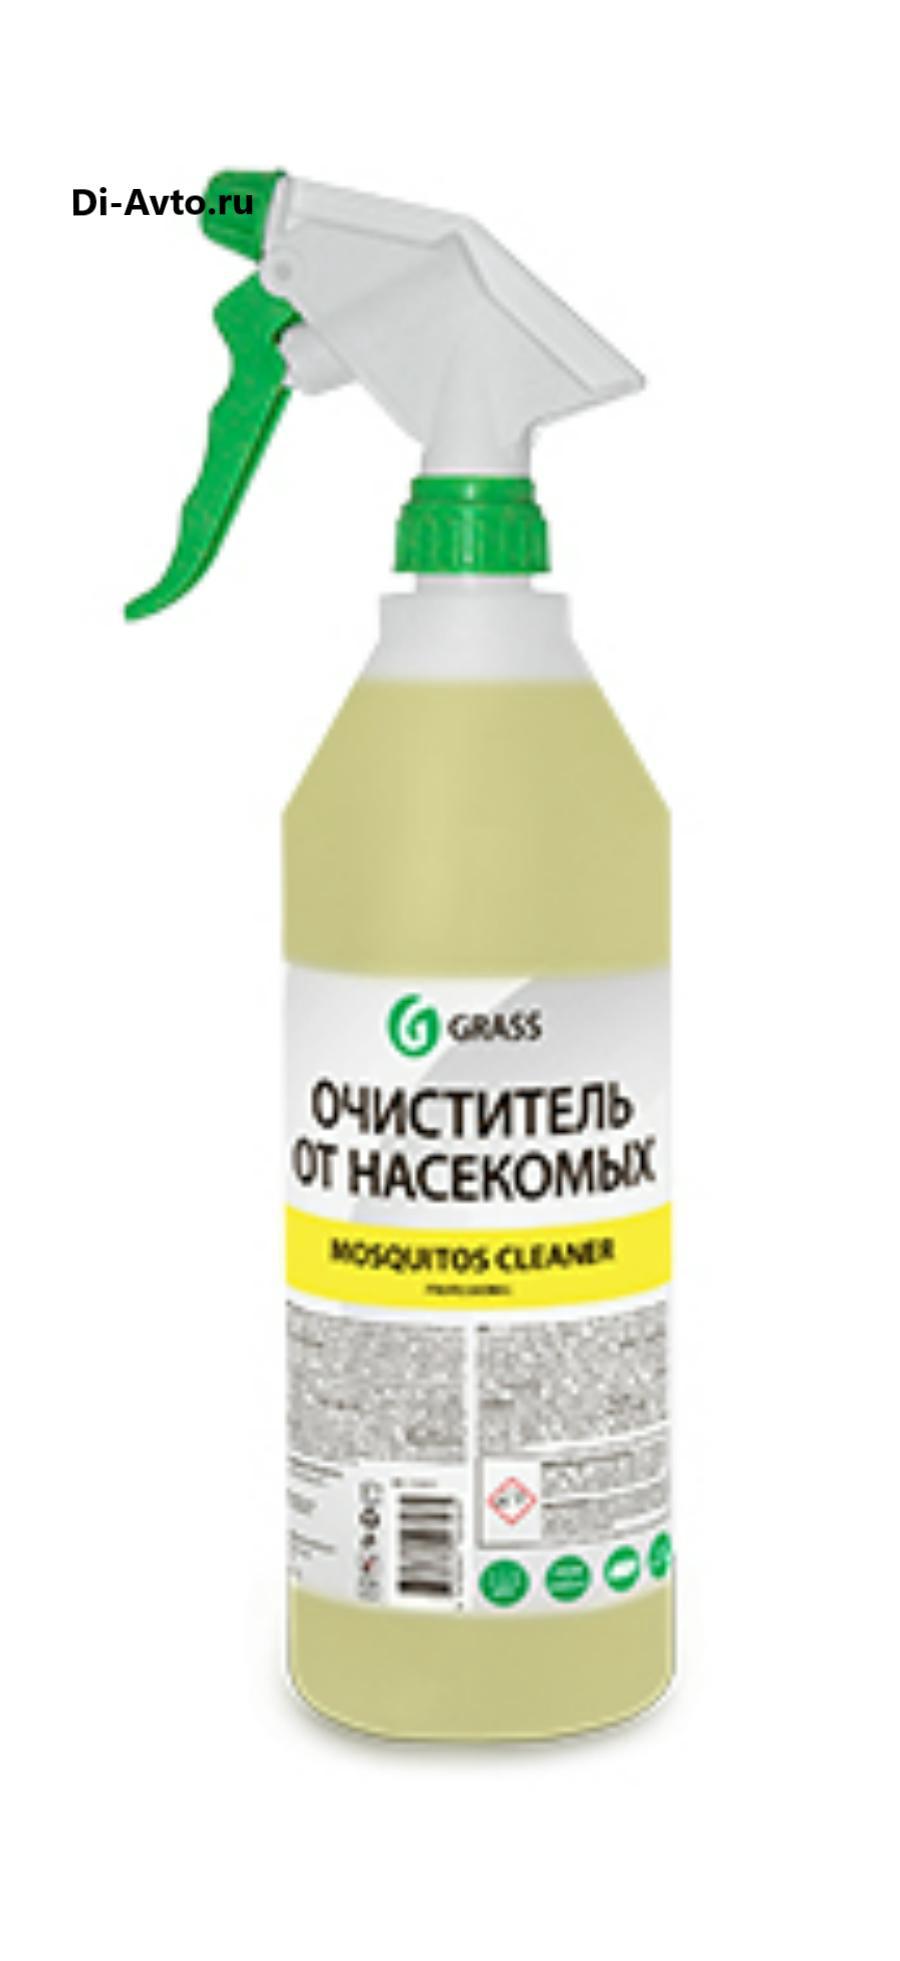 Очиститель следов насекомых «Mosquitos Cleaner» professional (с проф. тригером)